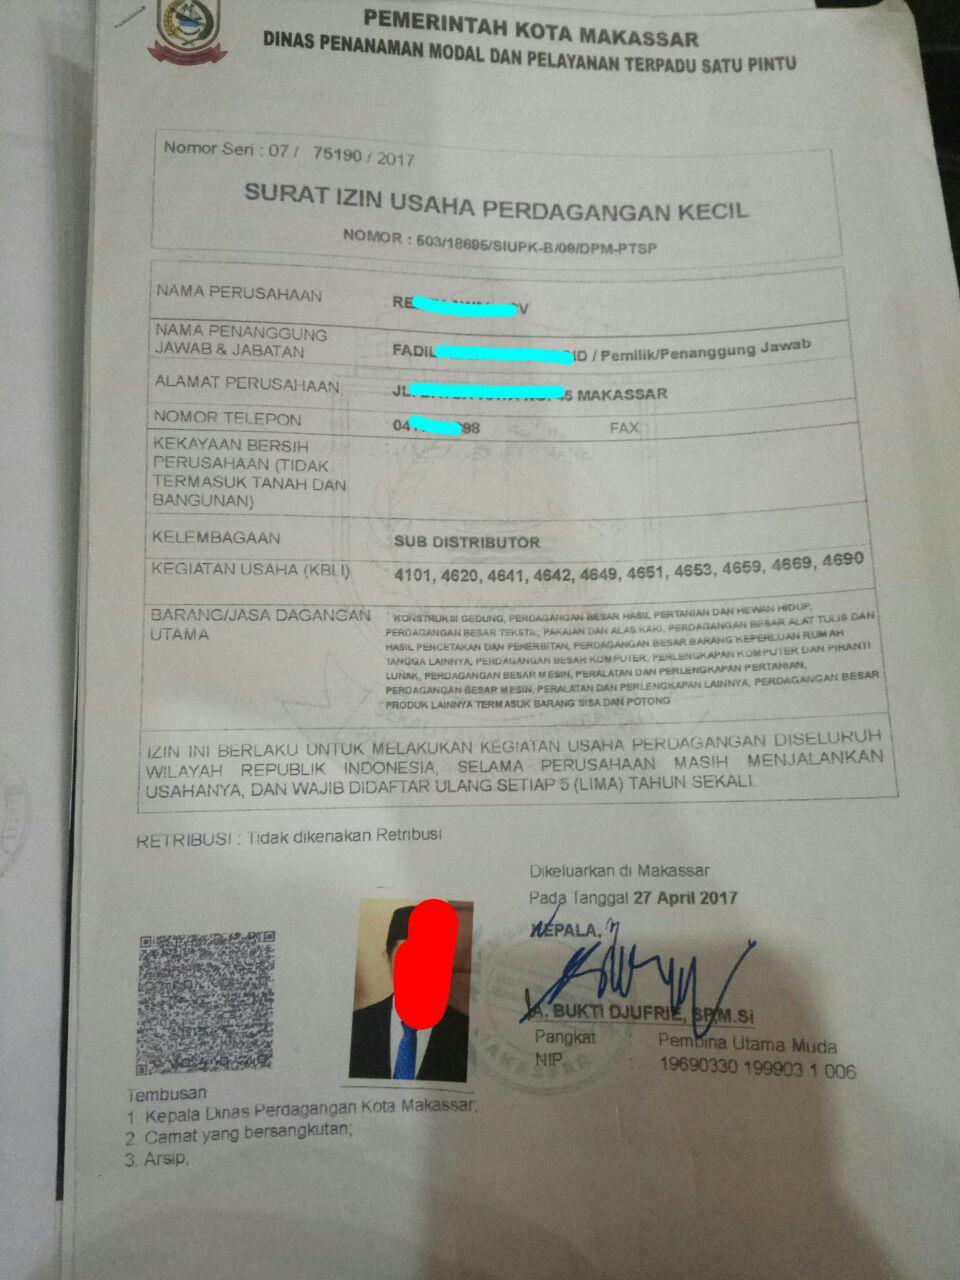 Jasa Pembuatan Legalitas usaha di Makassar